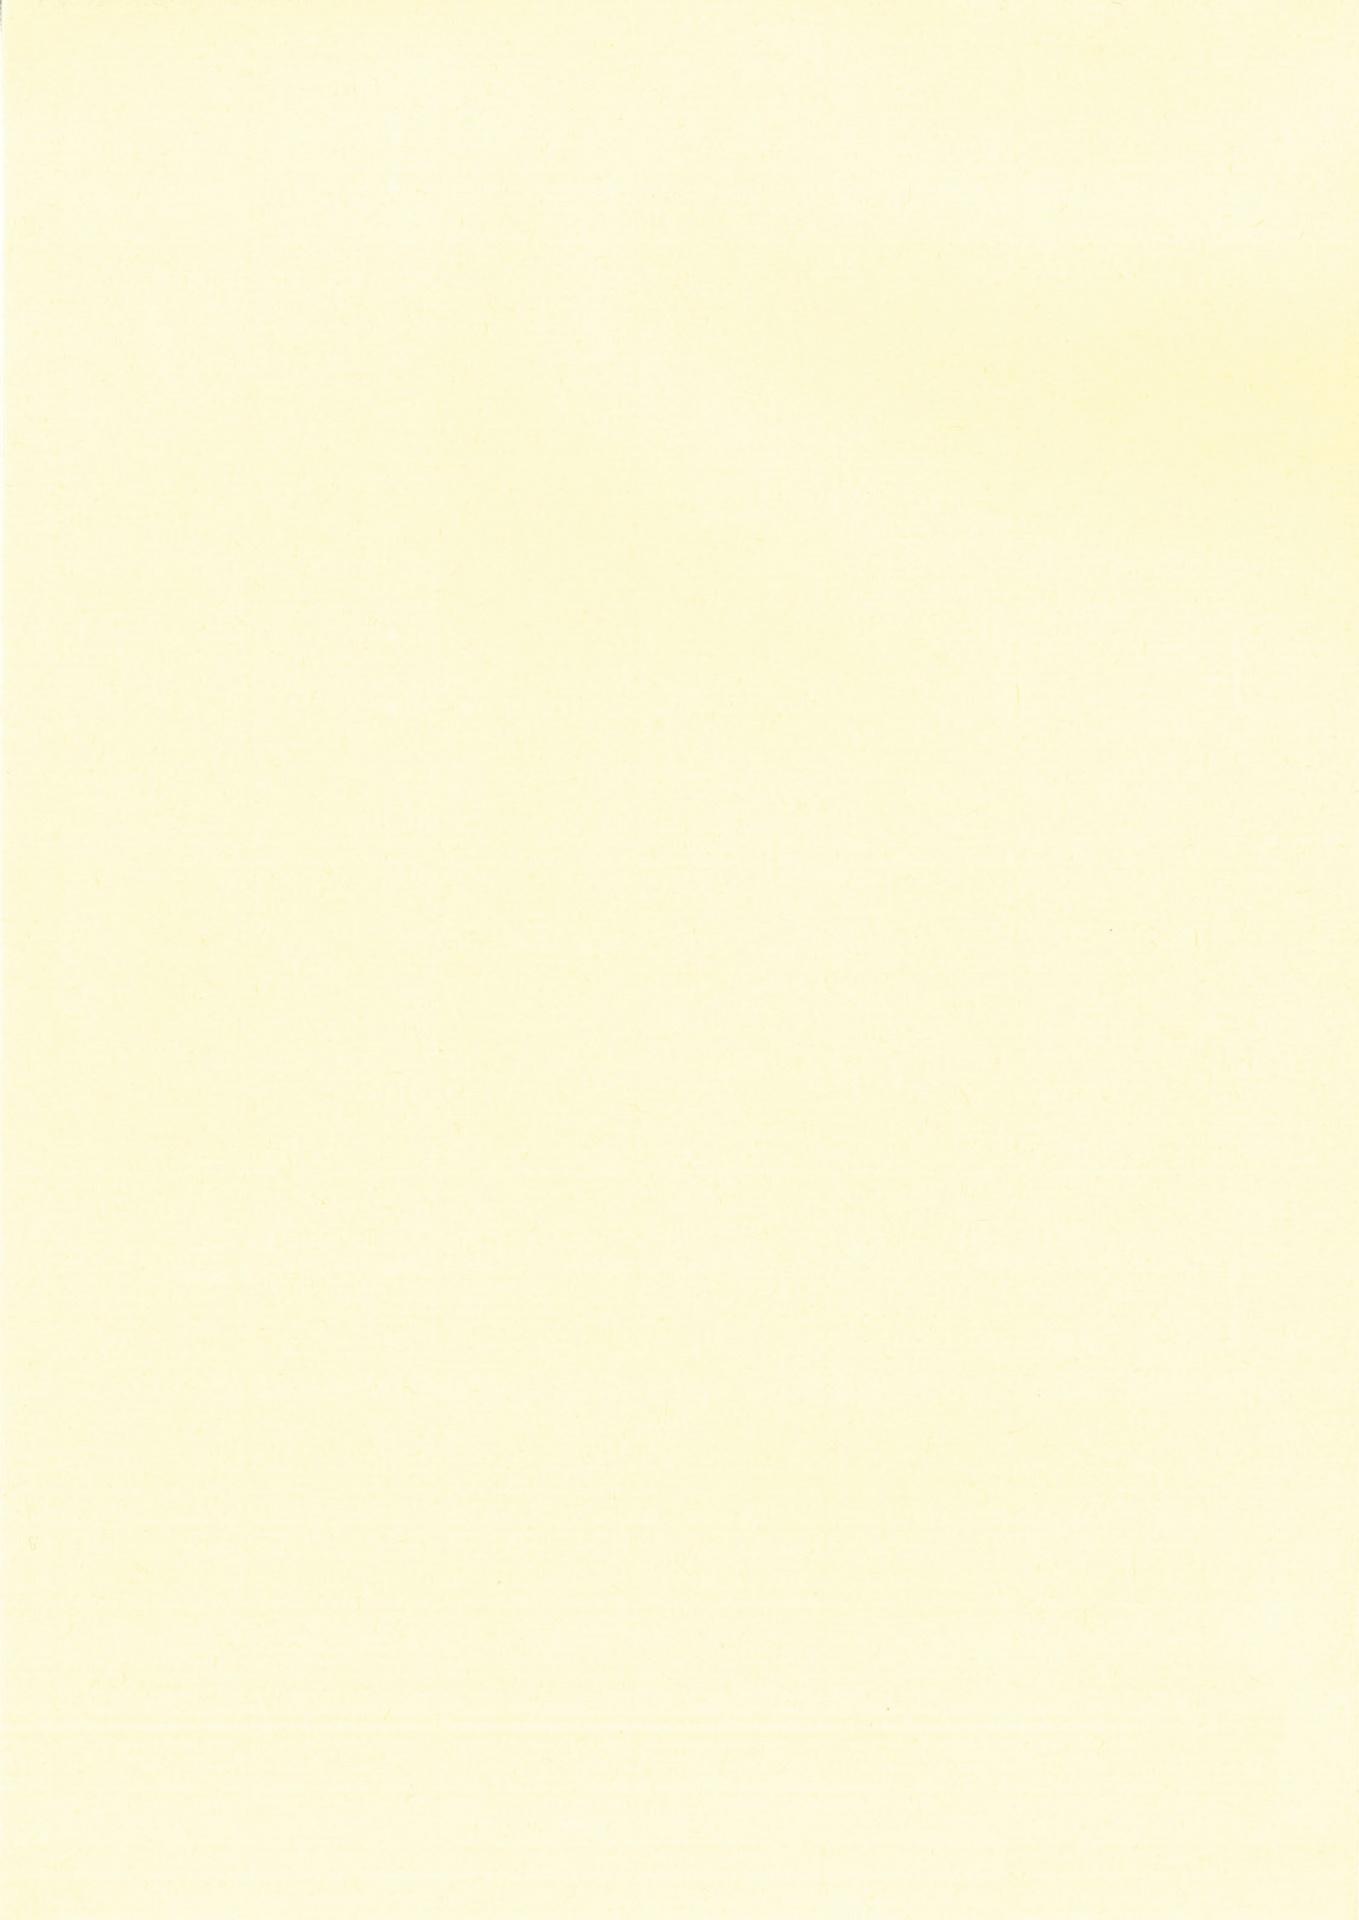 Cartolina A4 220g Texturado Creme (10 folhas)